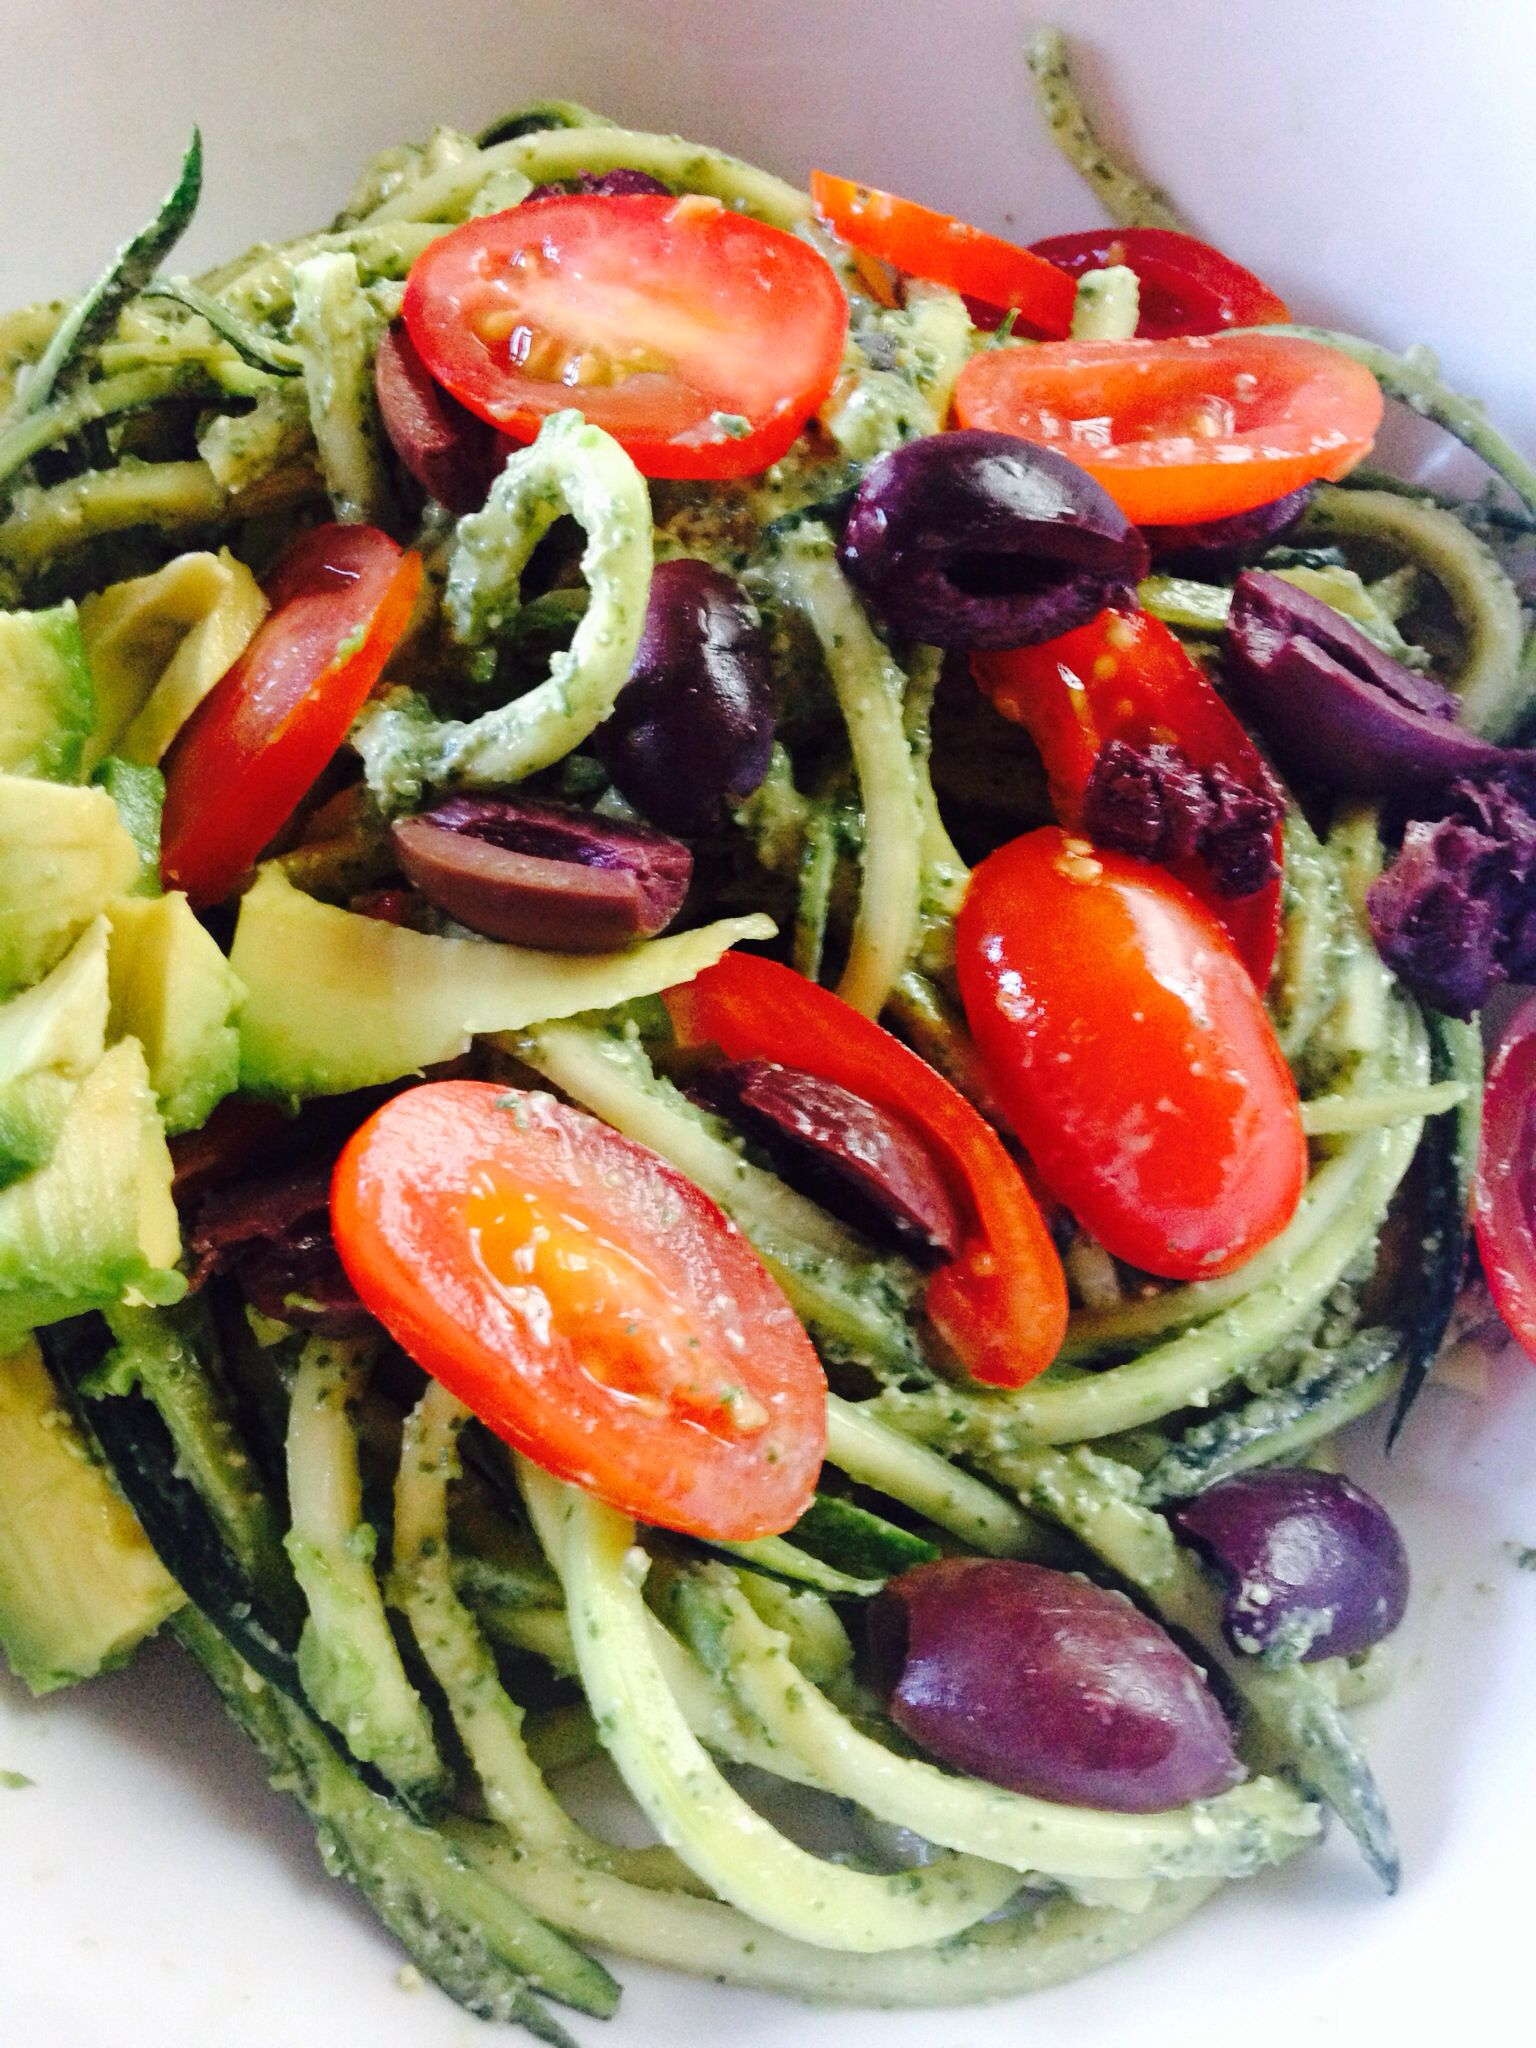 Vegan Italian dinner